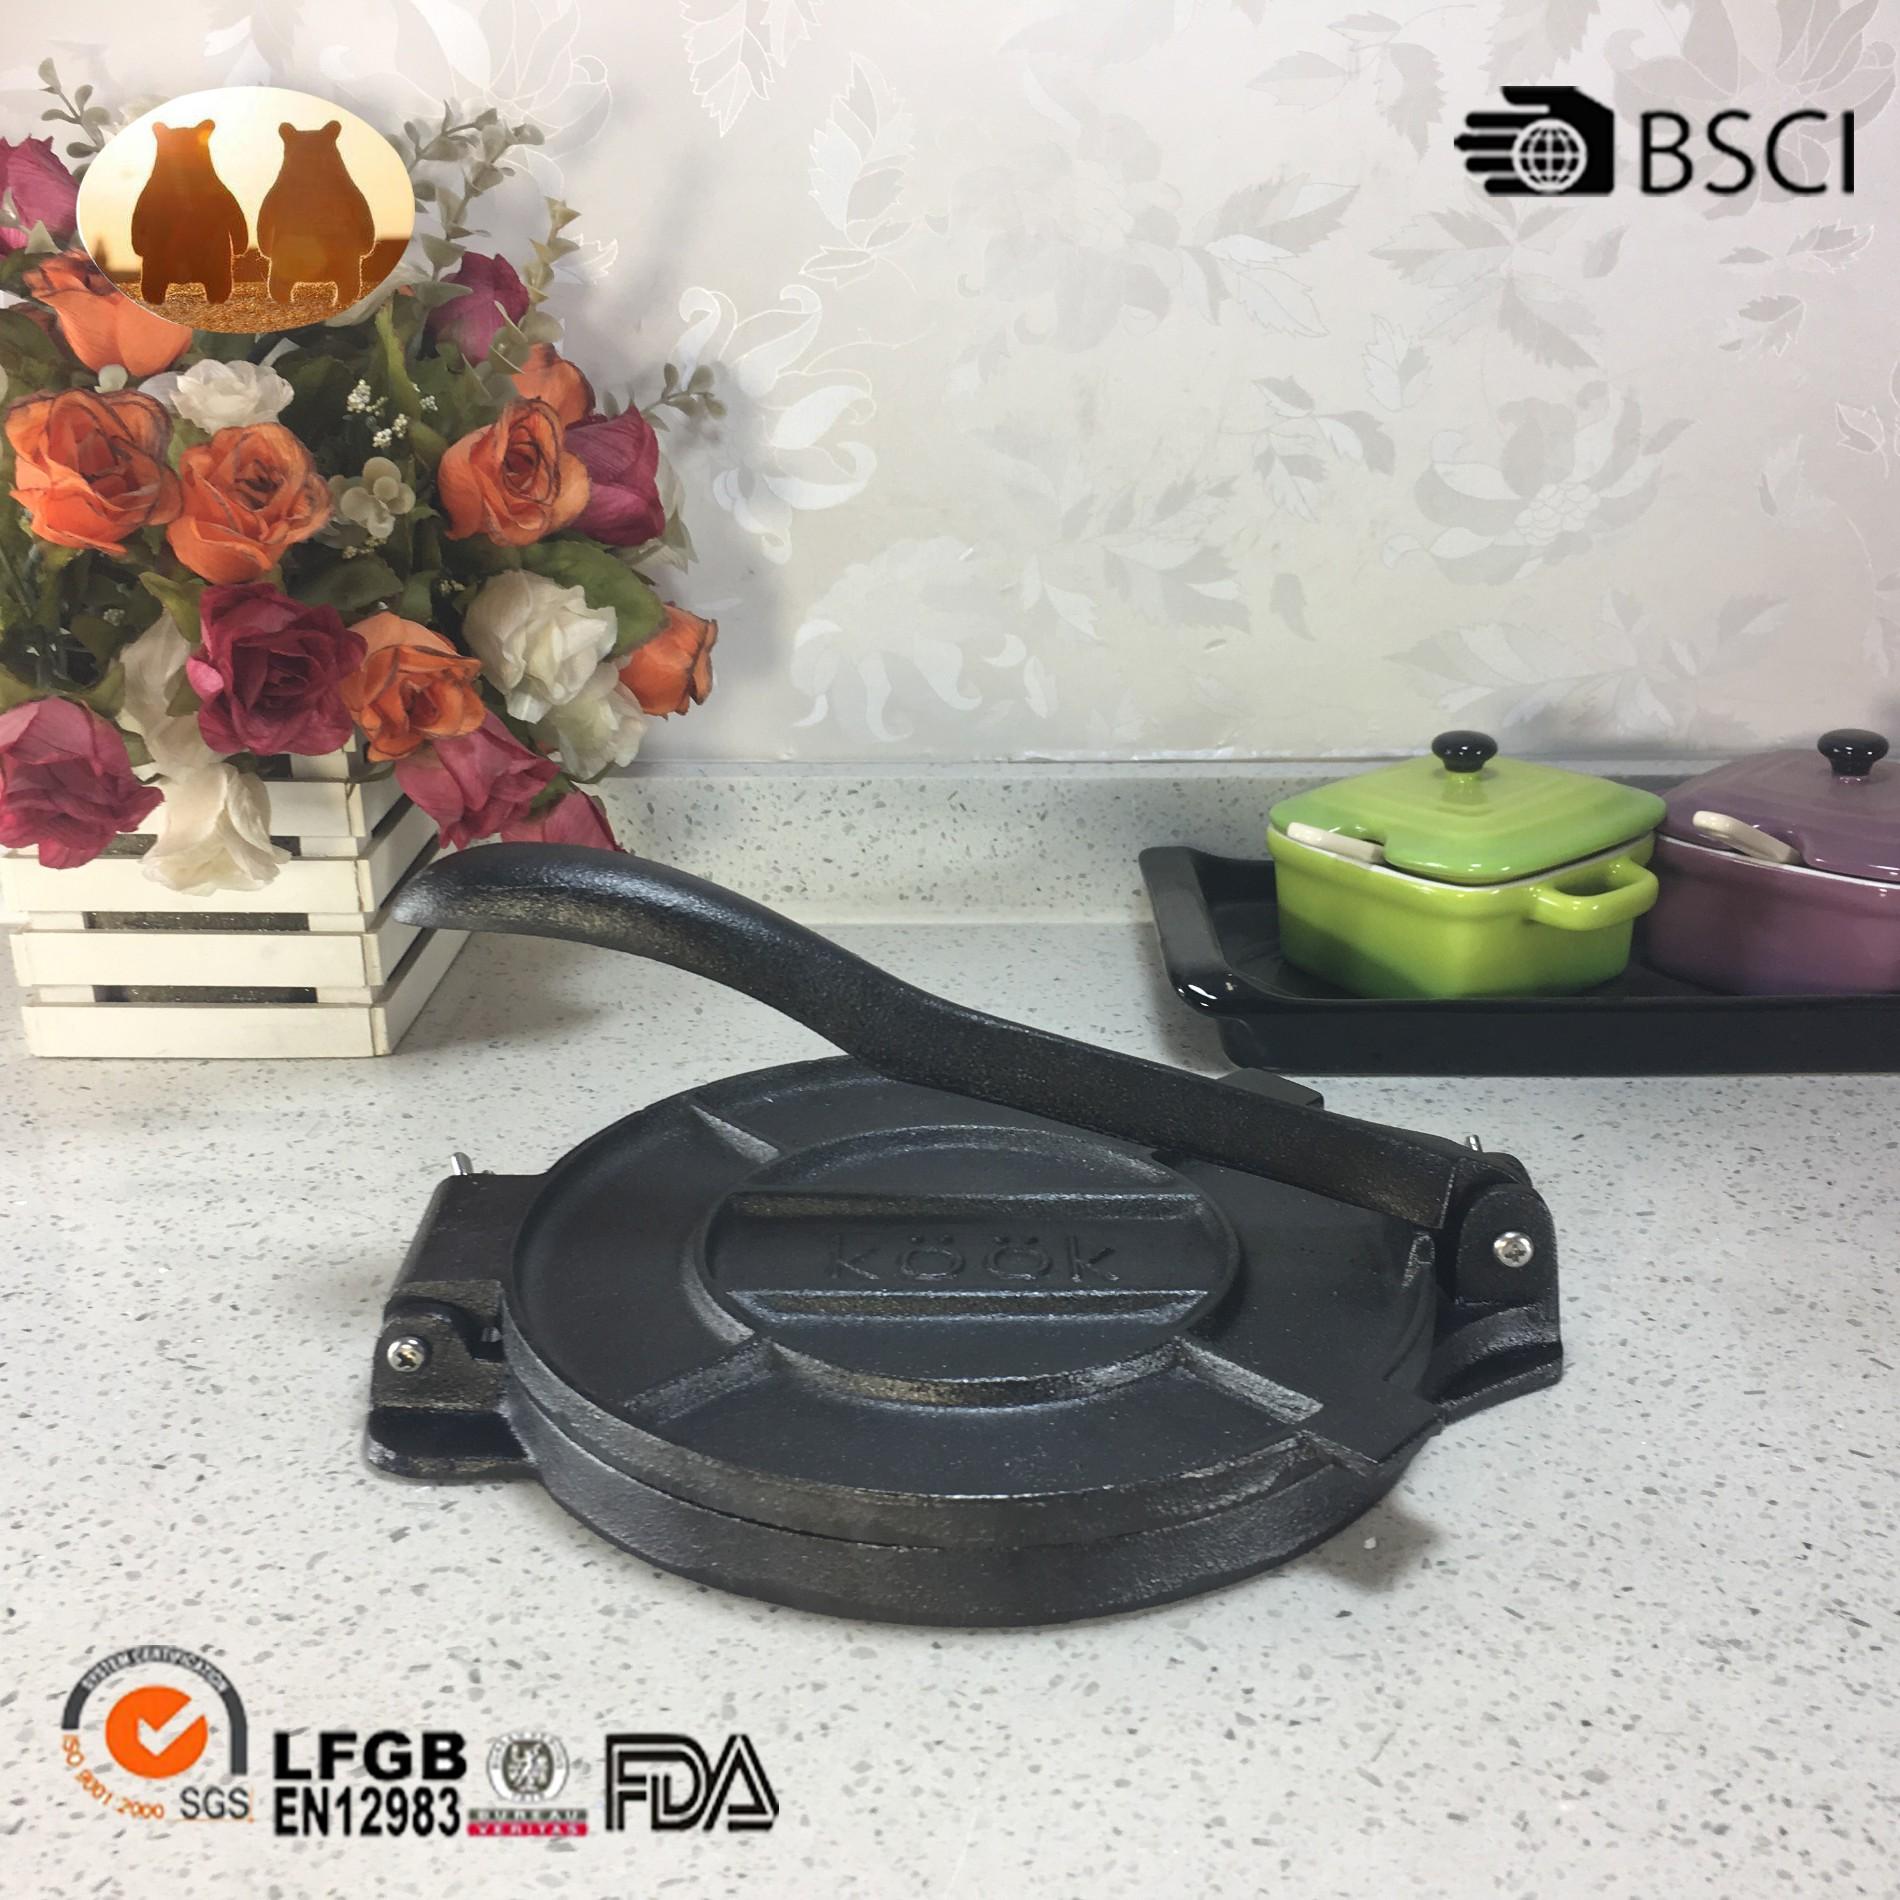 Cast Iron Tortilla Pan Manufacturers, Cast Iron Tortilla Pan Factory, Supply Cast Iron Tortilla Pan